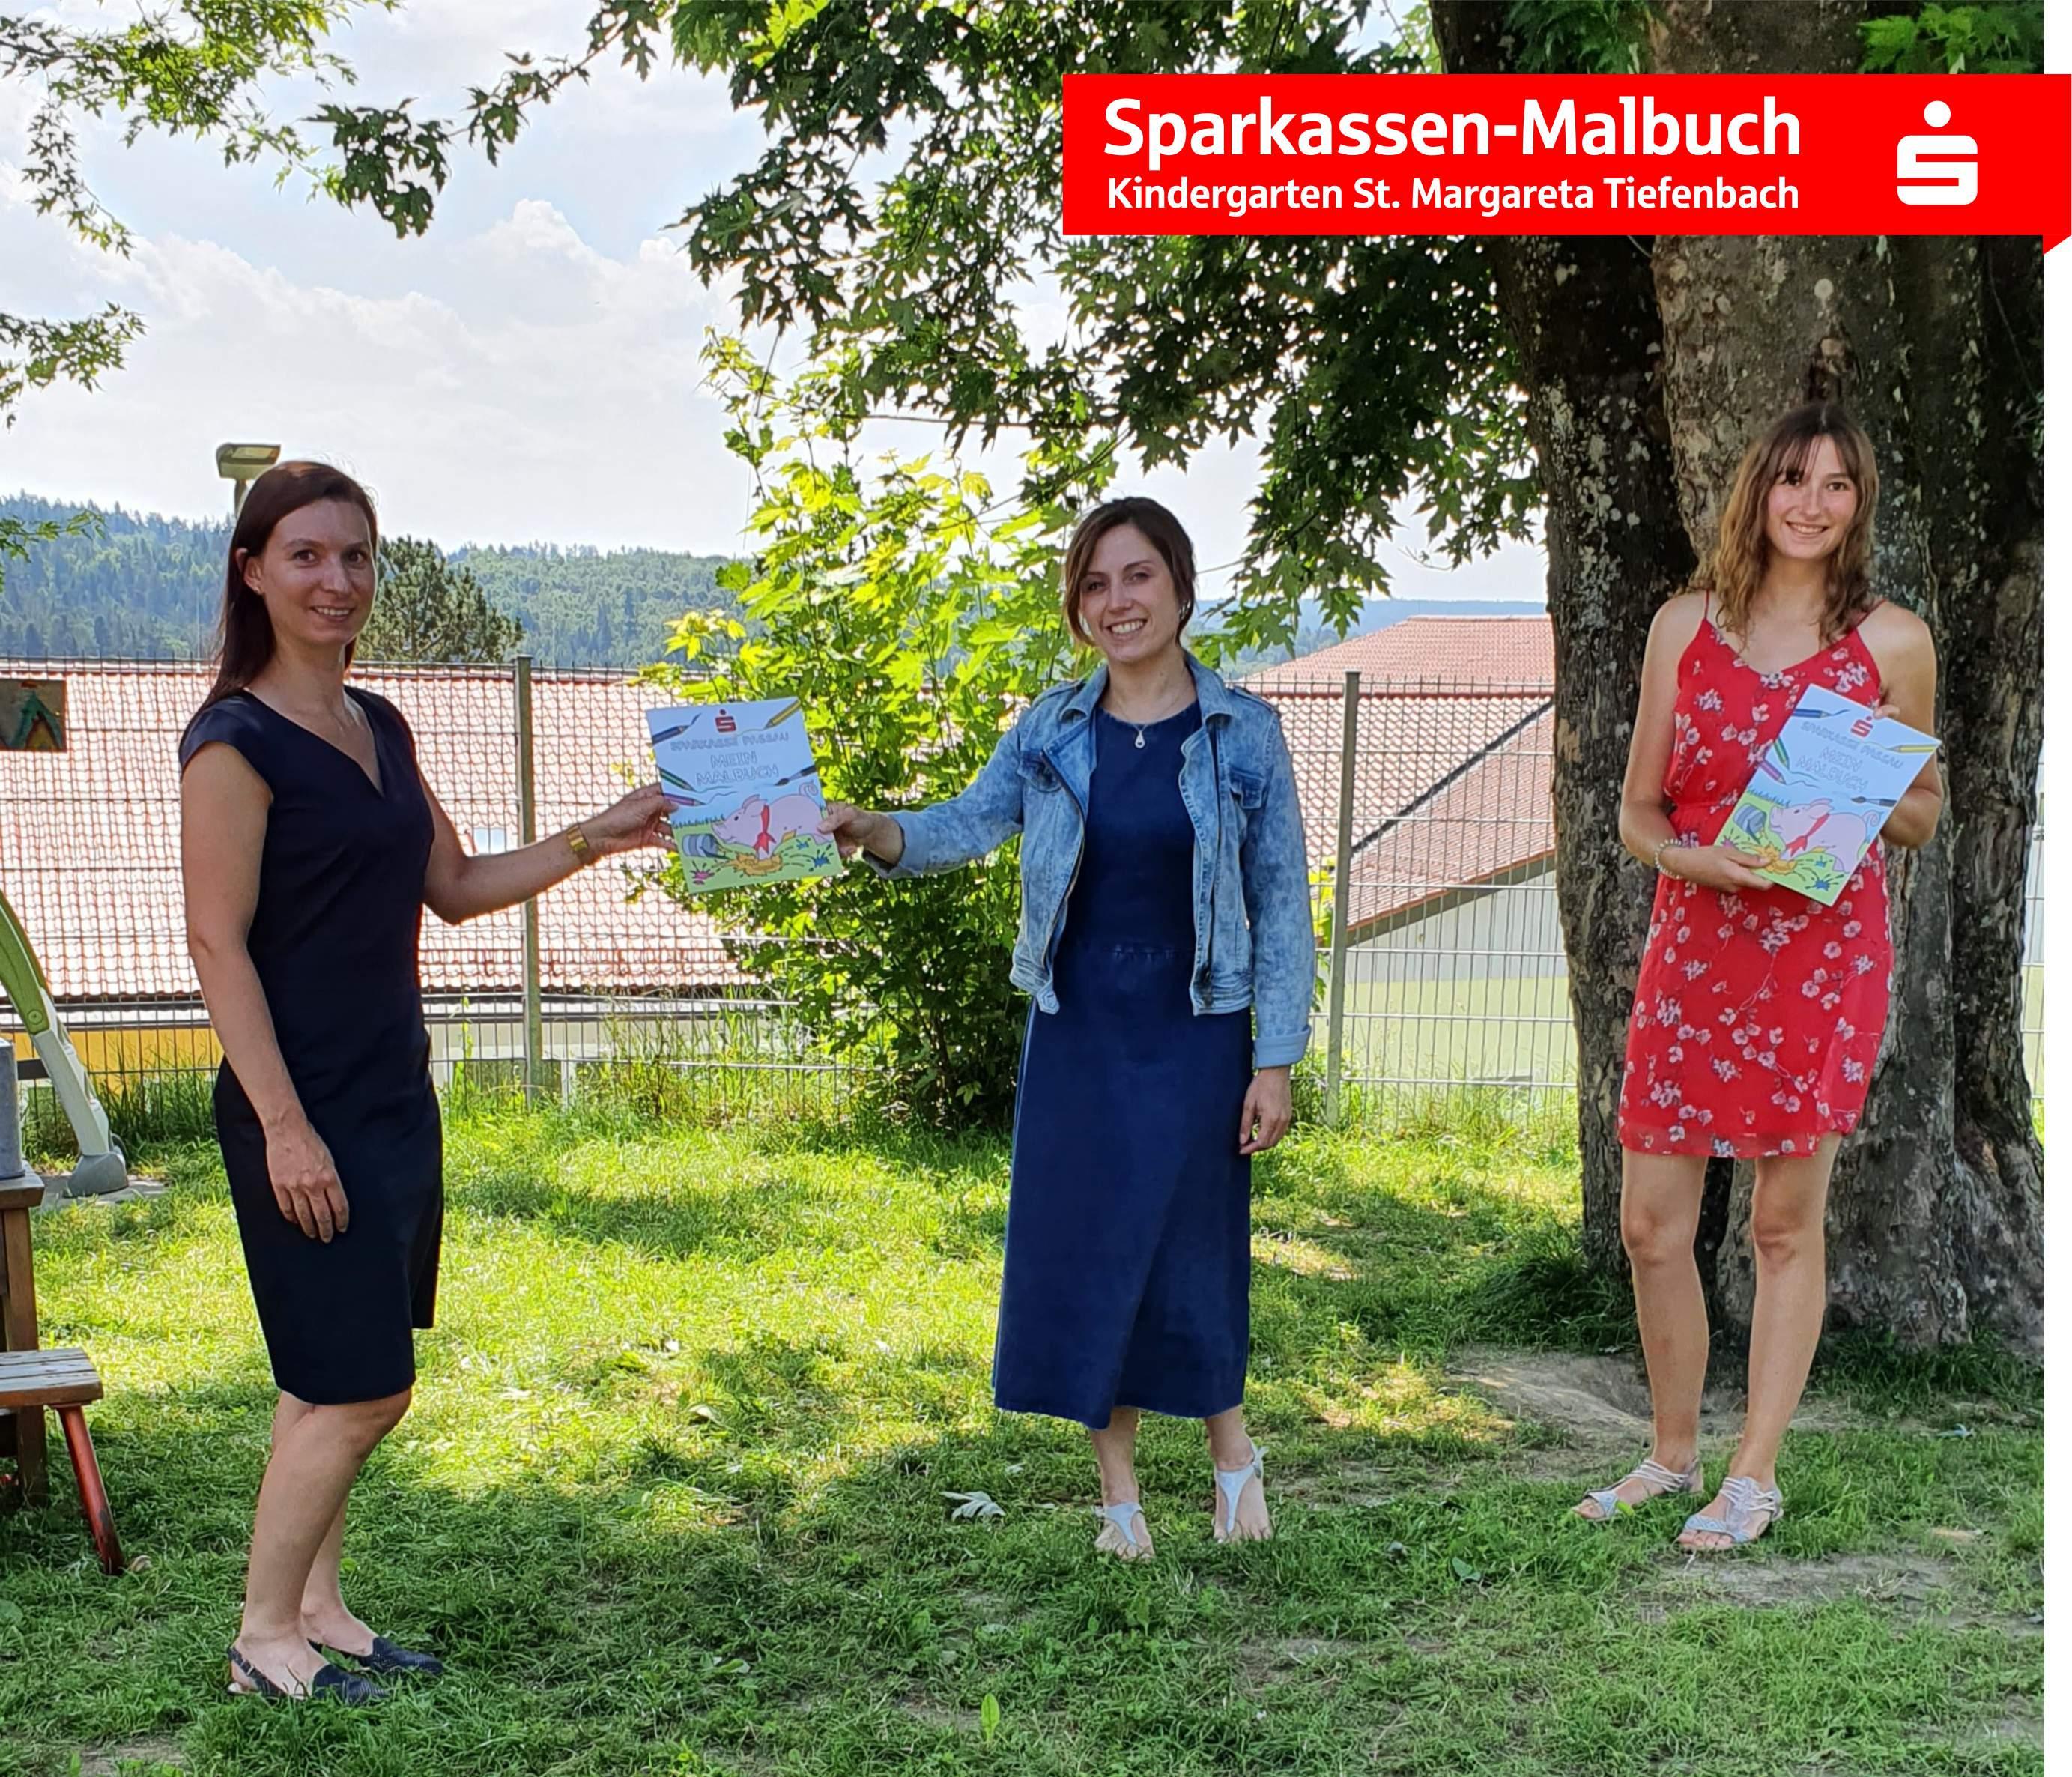 050_Tiefenbach_-Kindergarten-St.-Margareta-Tiefenbach